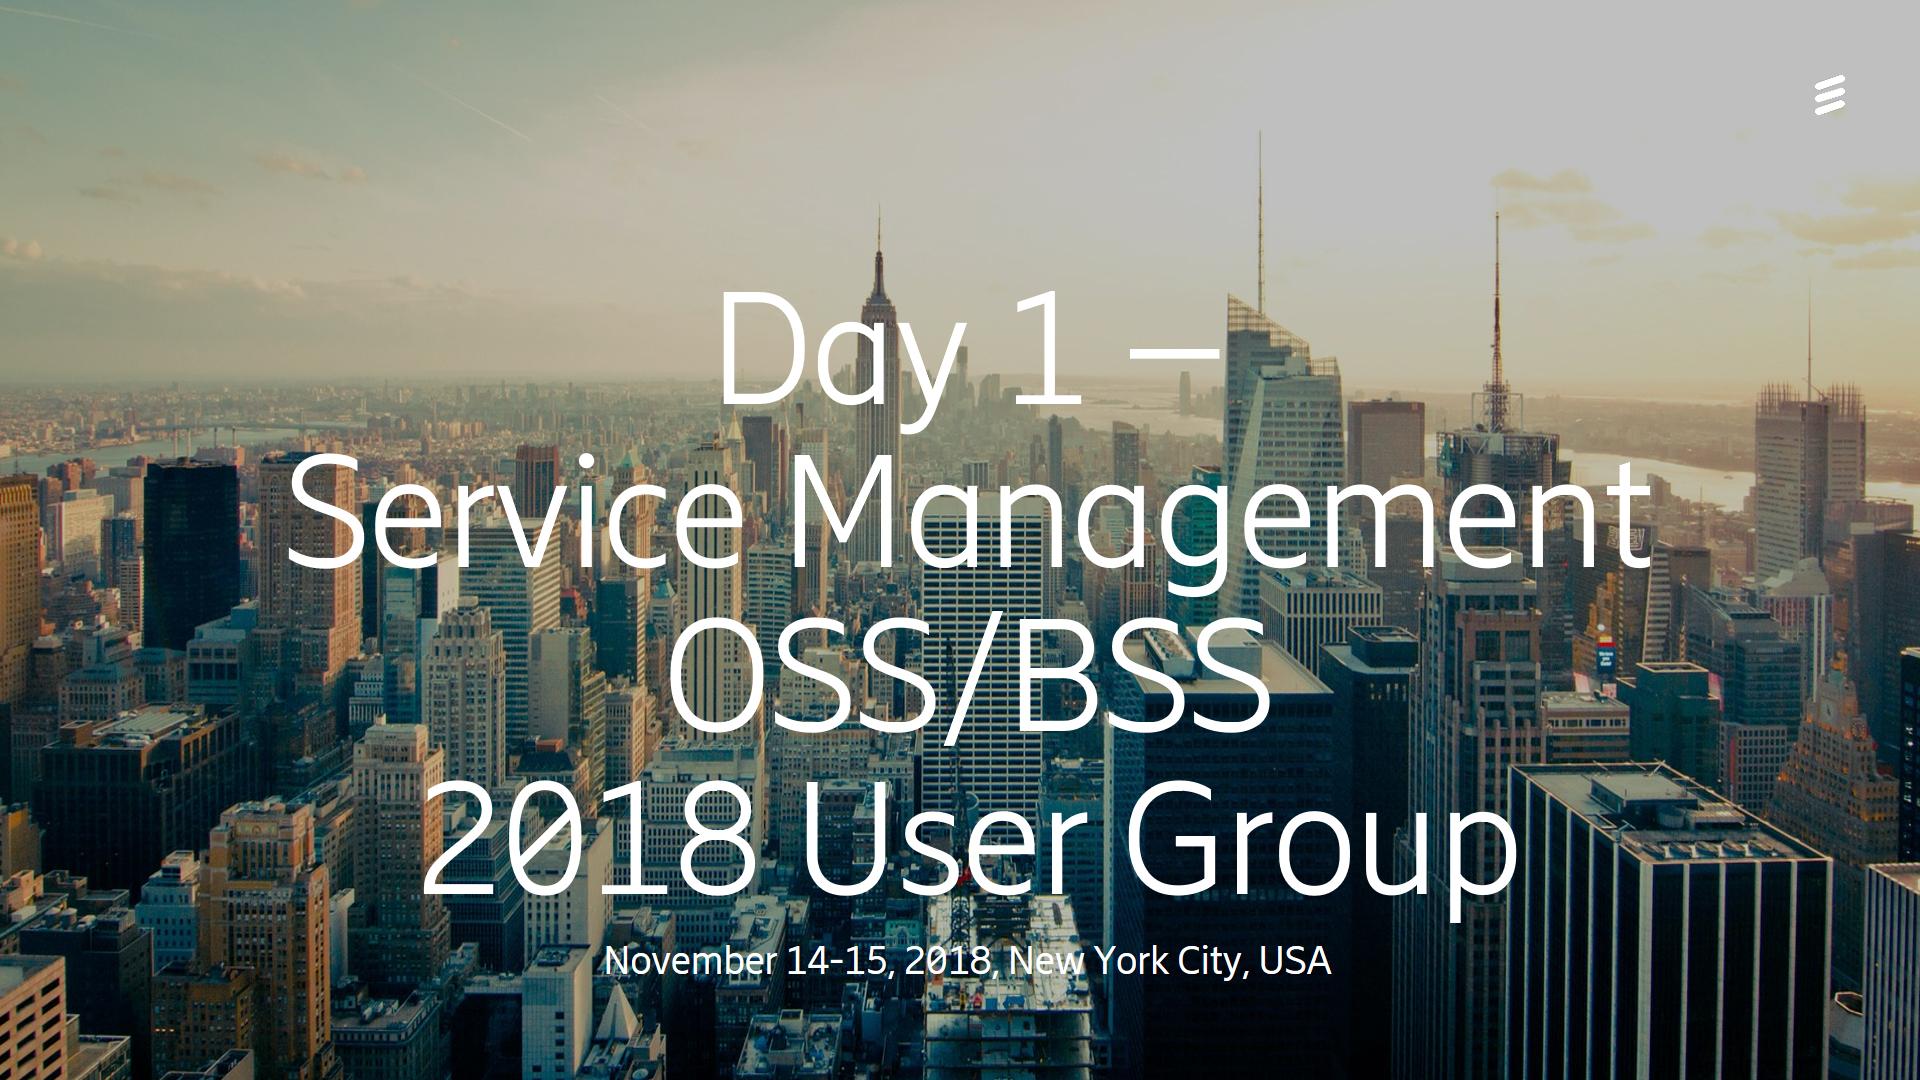 Day 1 Service Management - OSS/BSS User Group 2018